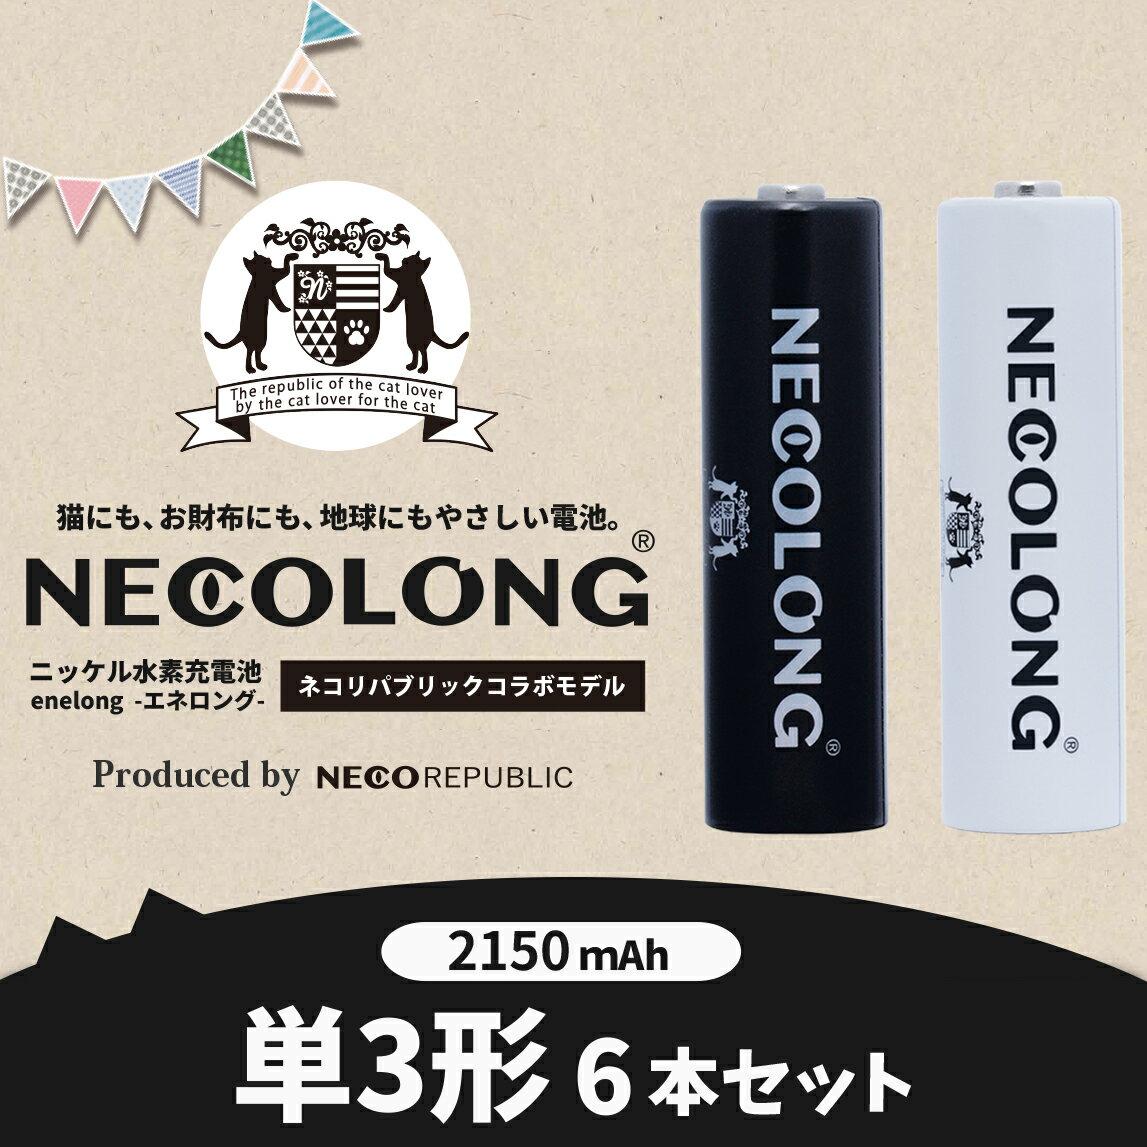 ニッケル水素充電池 NECOLONG ネコロングNECOREPUBLIC ネコリパブリック公式モデルeneloop エネループ enelong エネロング を超える大容量2150mAh!単3形電池×6本セット メール便送料無料